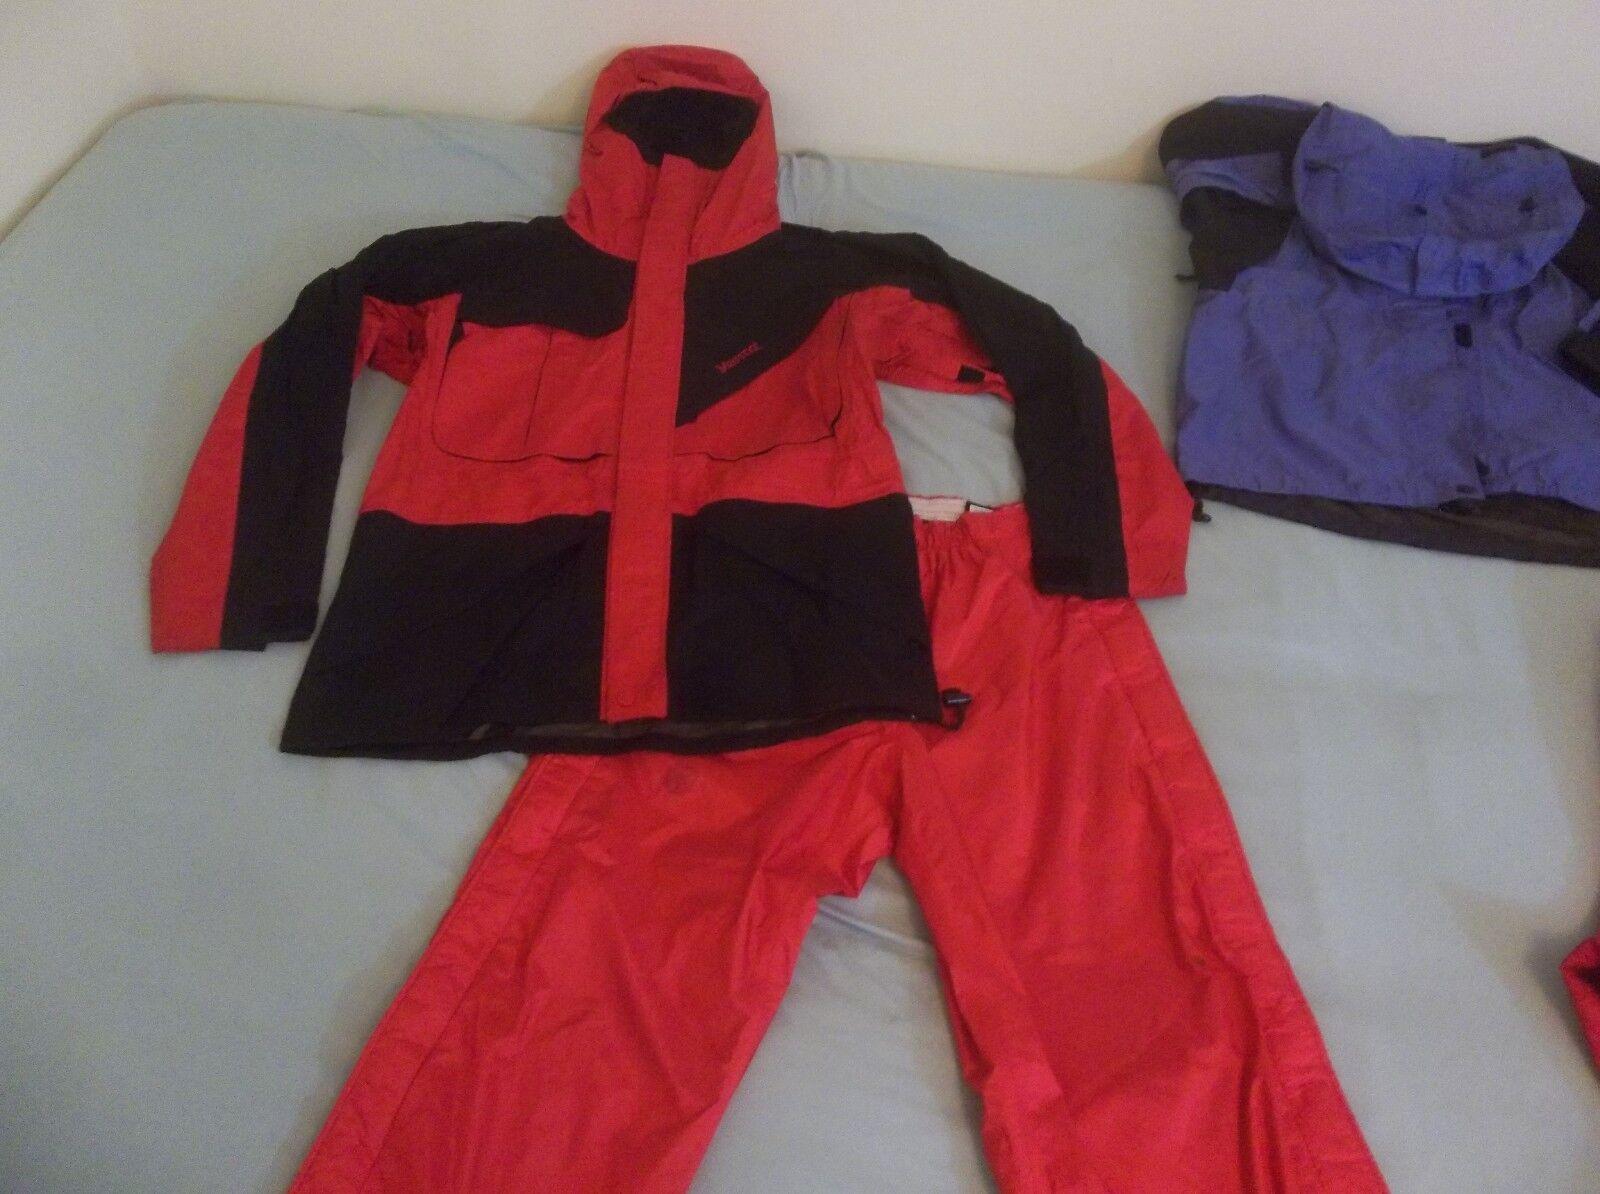 De Colección Chaqueta Marmot Original  Alpinista Escalada Gore-Tex Parka Abrigo y Pantalones Rojo  bienvenido a elegir